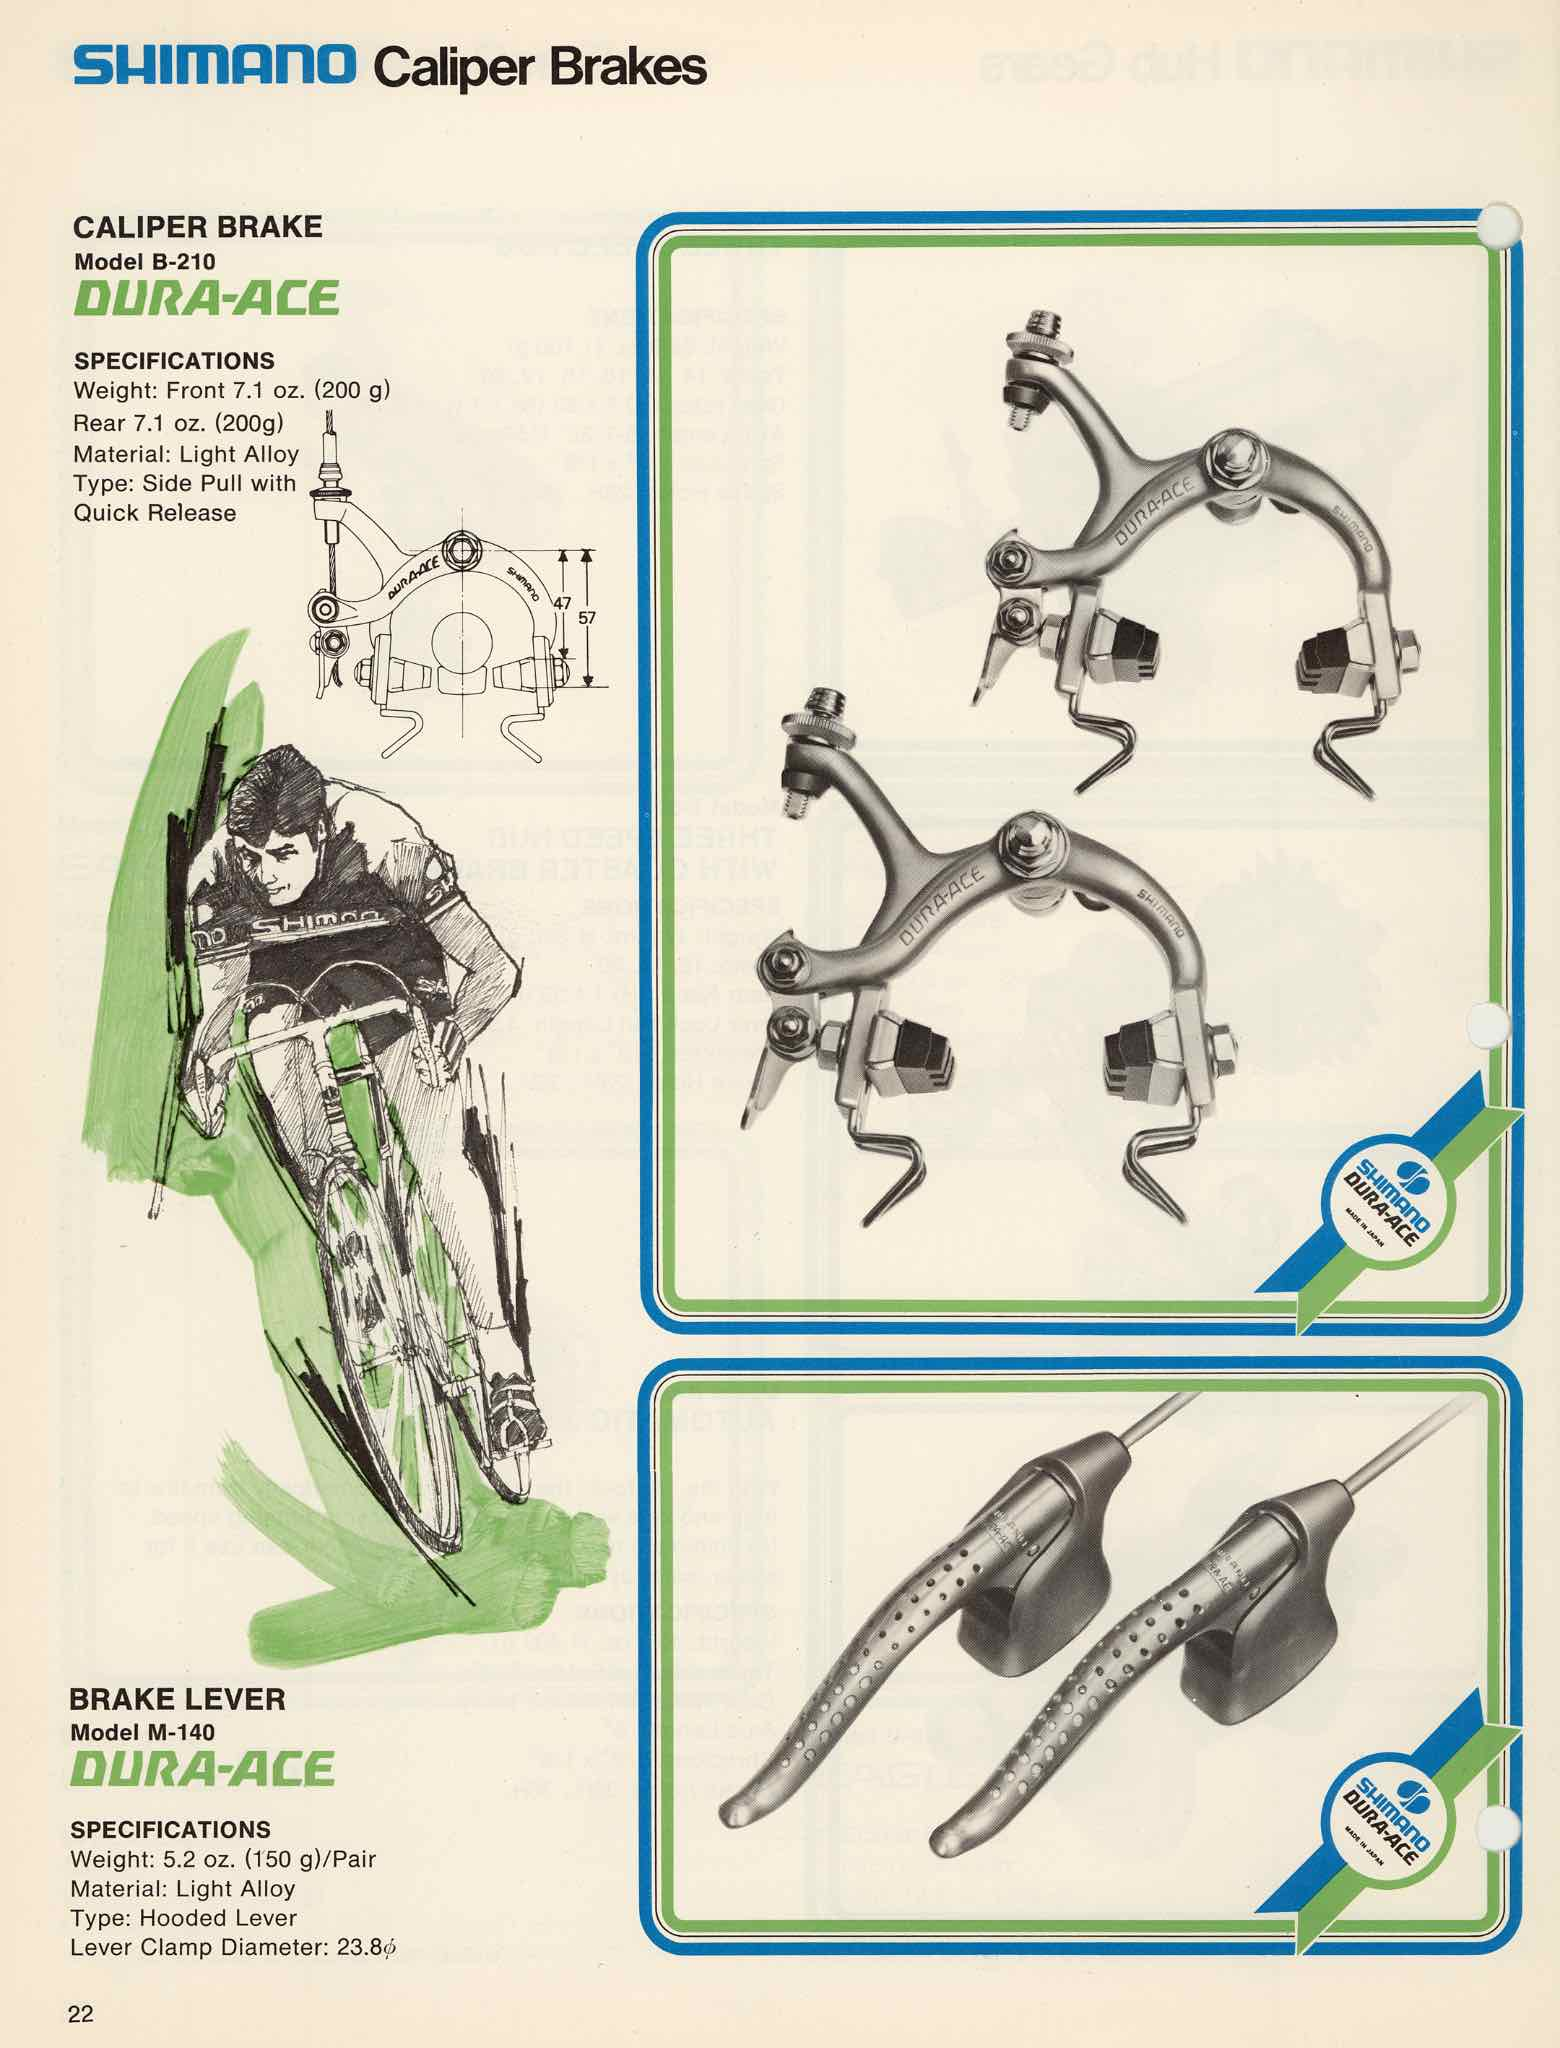 Shimano Bicycle Parts 74 Page 22 Brake Diagram Main Image